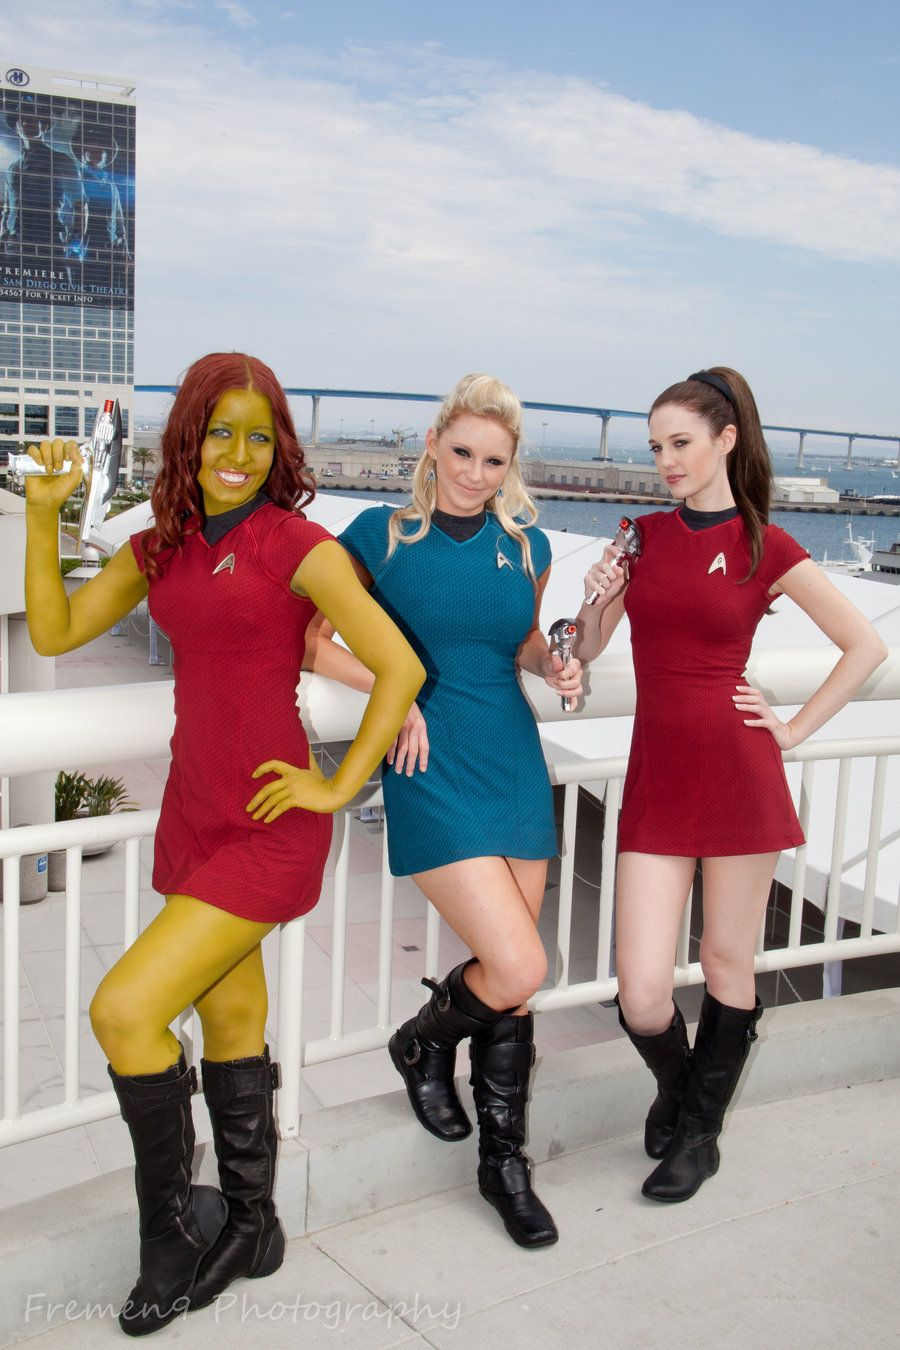 Sexy Star Trek Costume